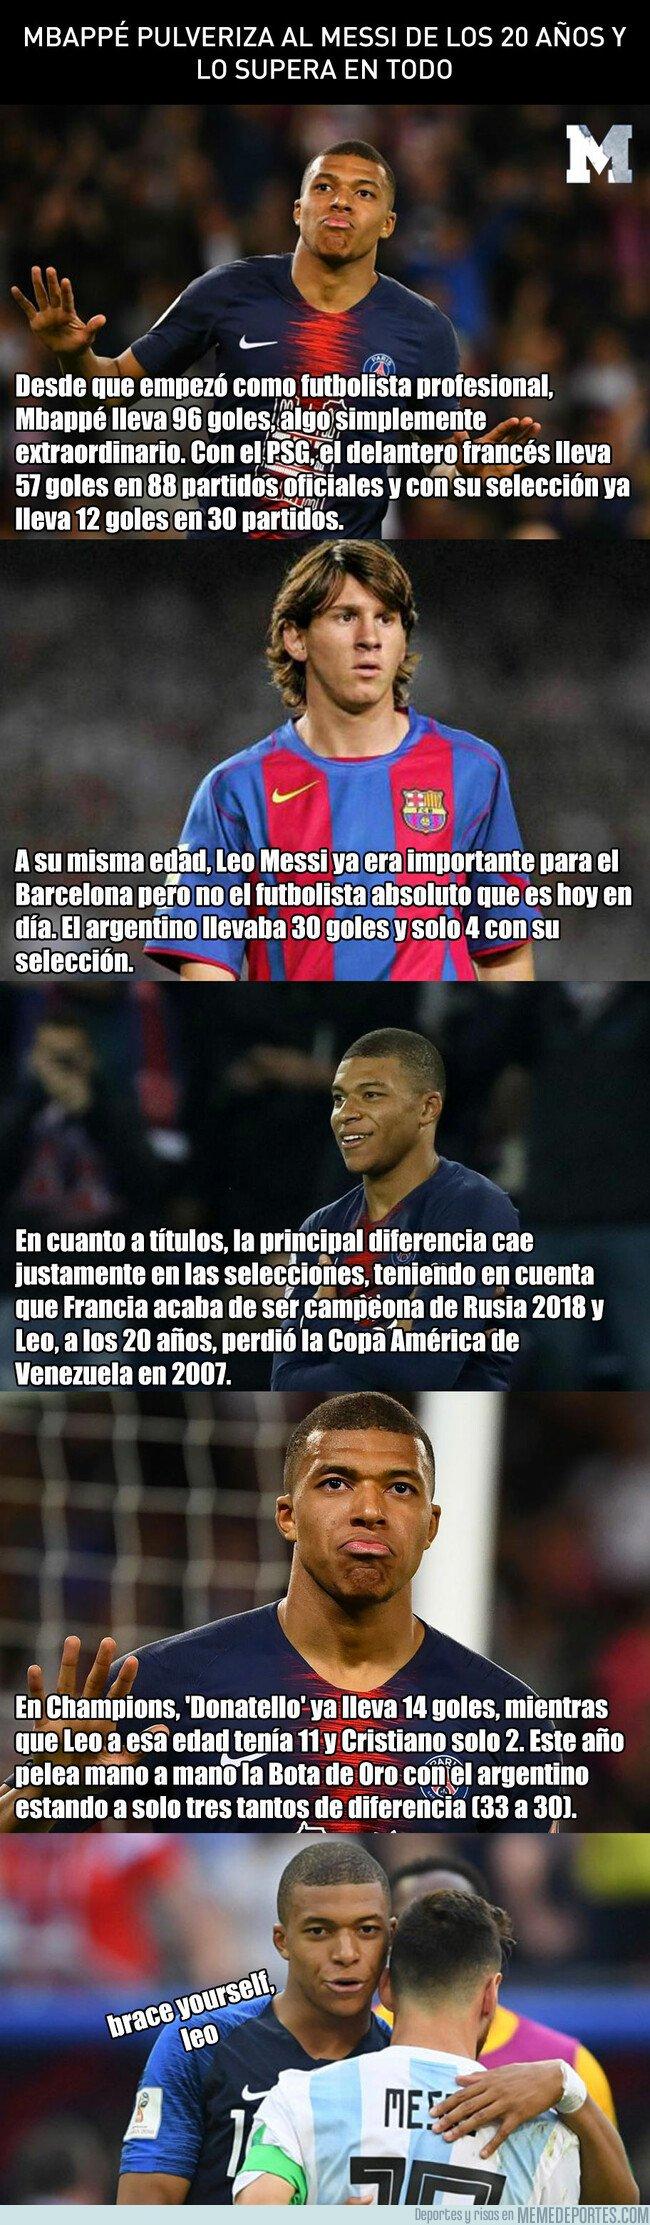 1072634 - Mbappé pulveriza al Messi de los 20 años con unos registros de locos